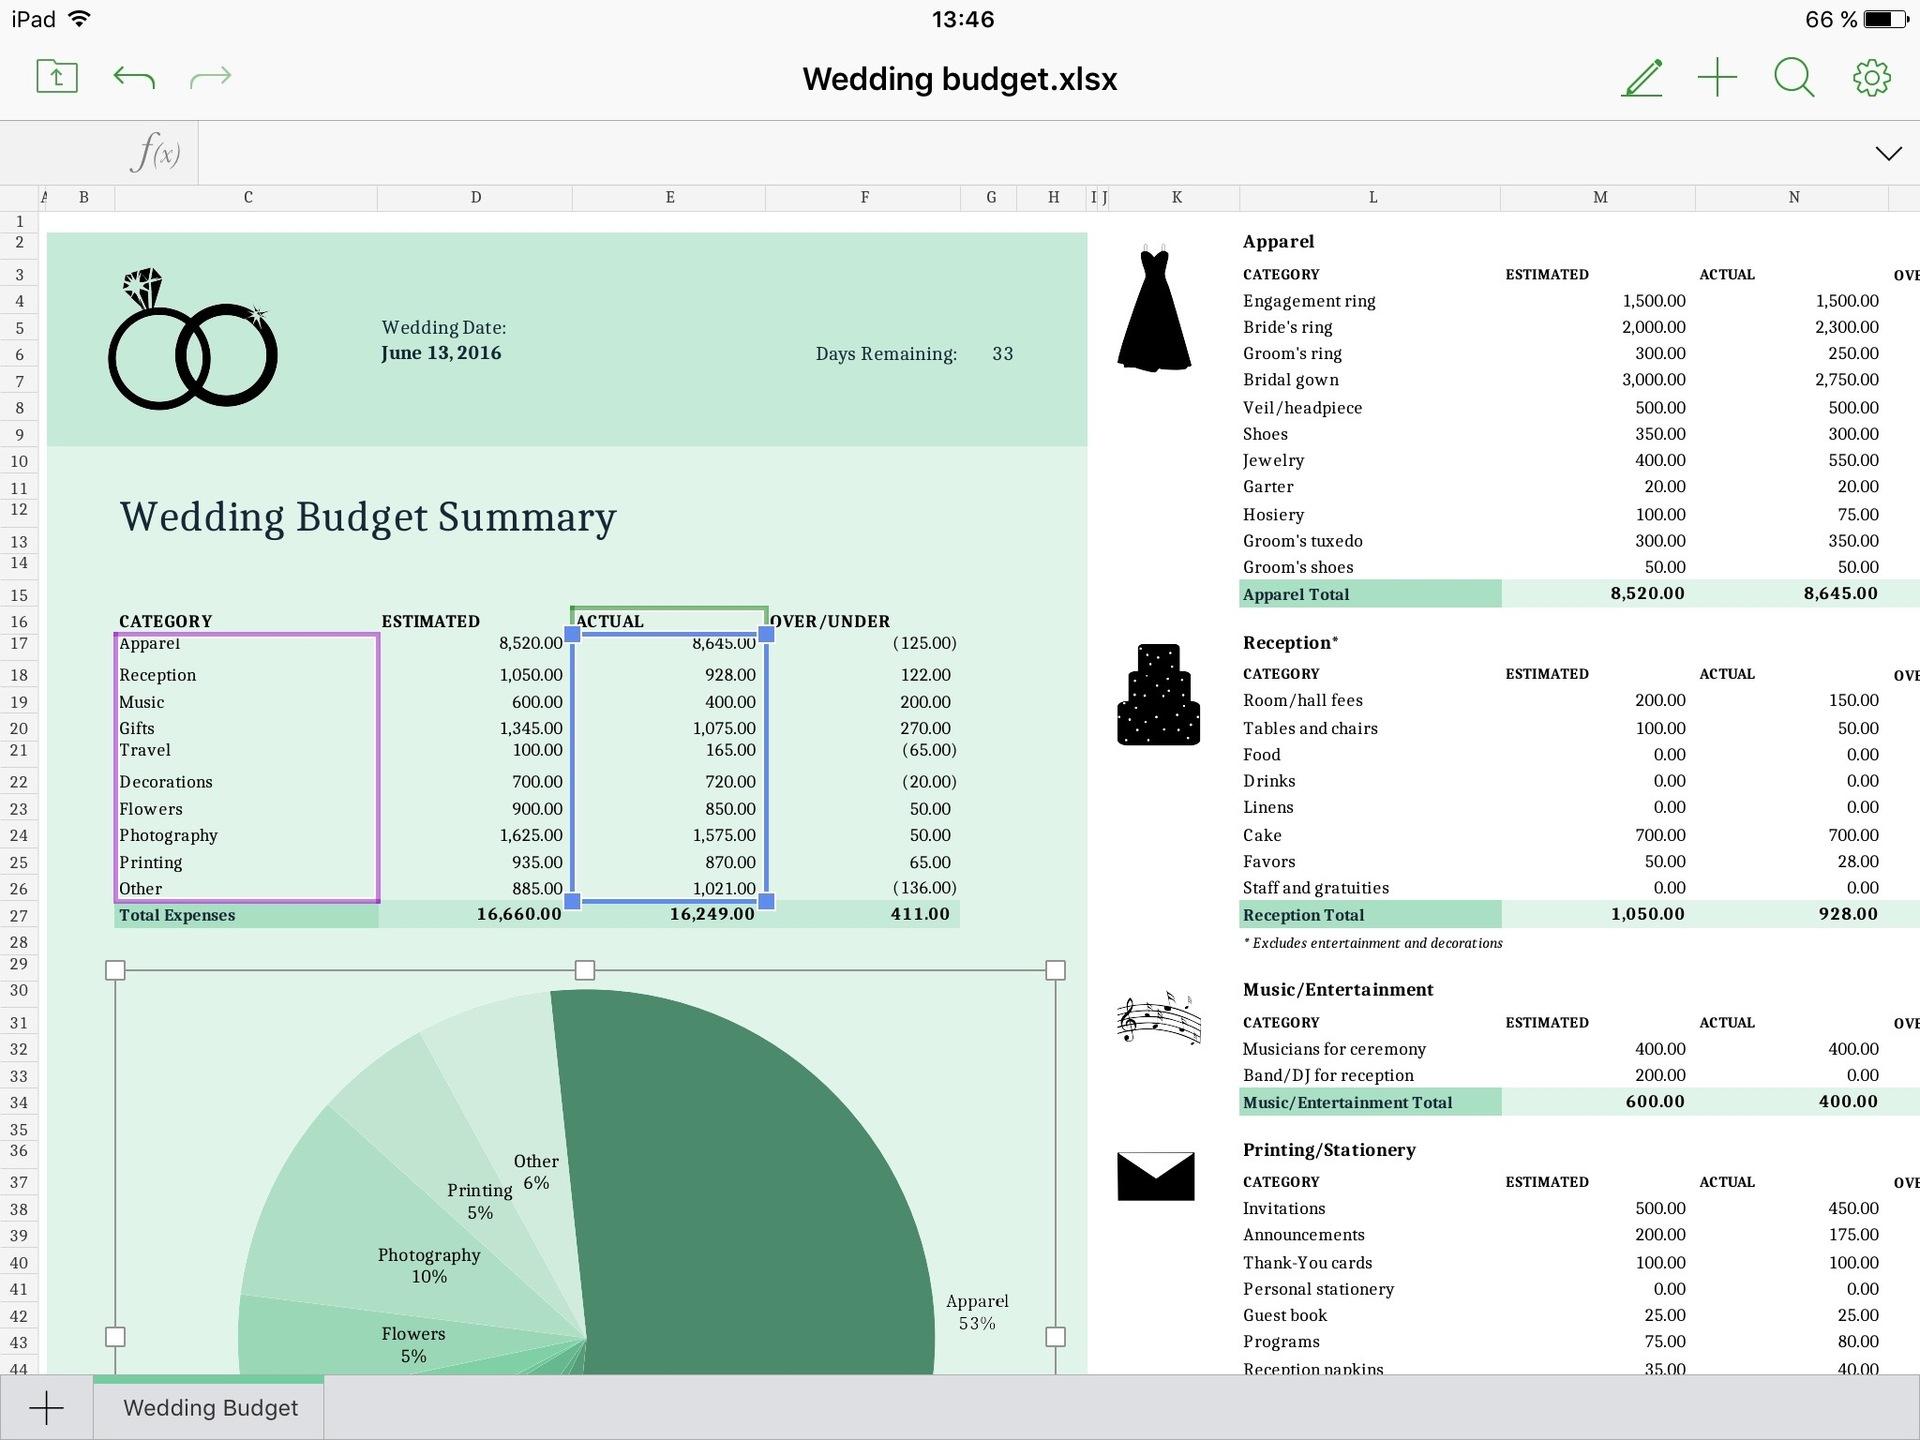 ONLYOFFICE Документы 1.3 для iOS: как устроен мобильный редактор электронных таблиц - 2